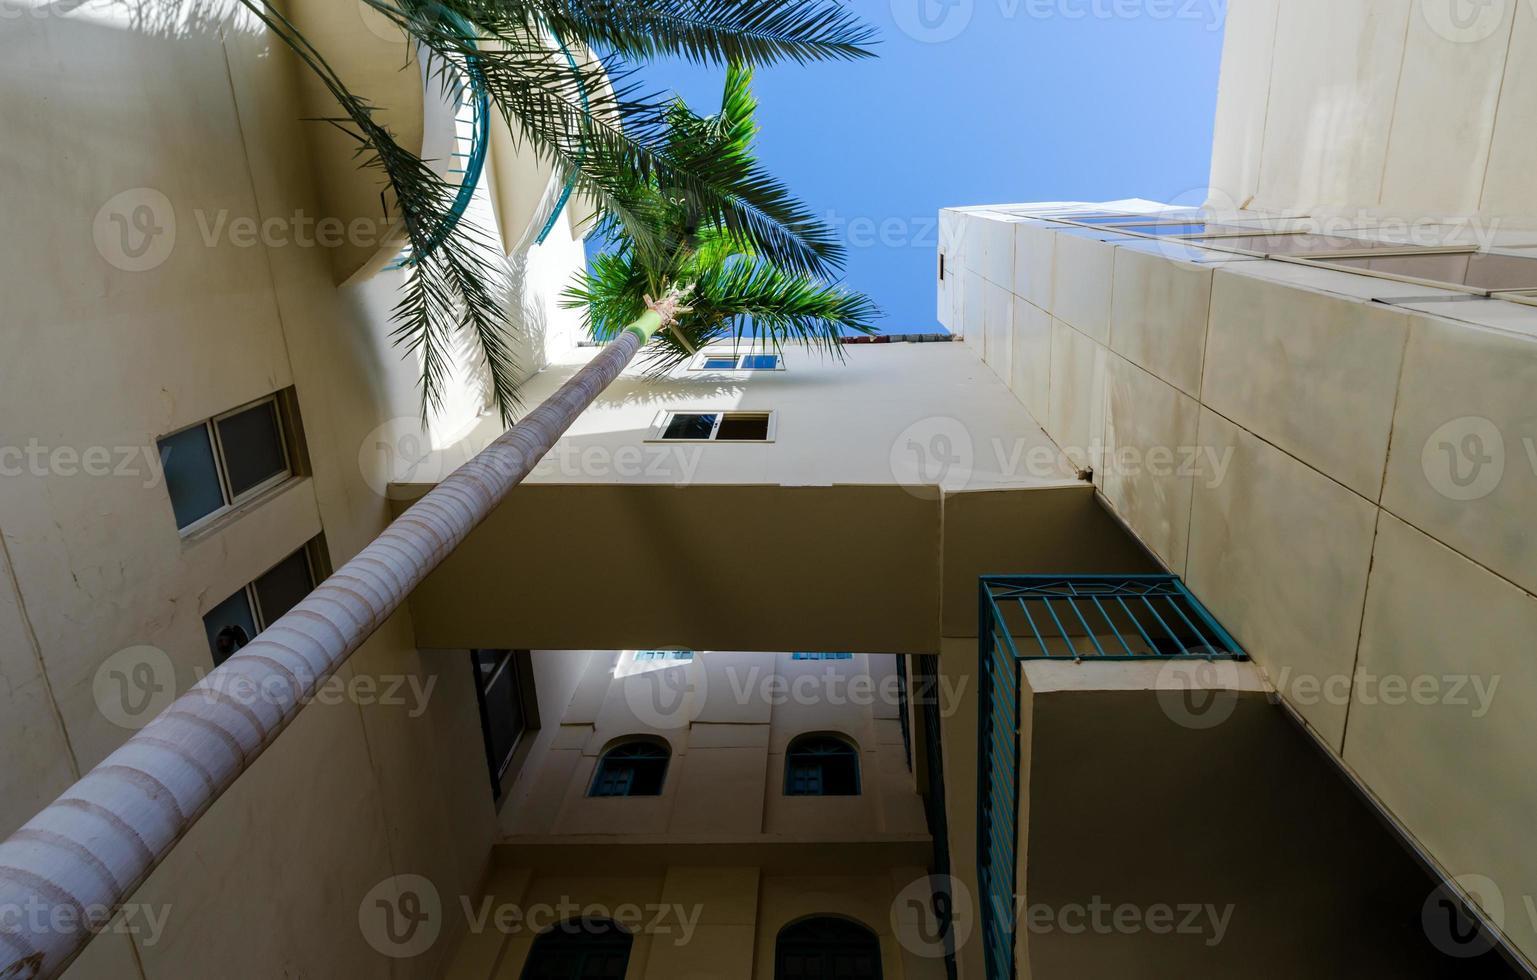 hotel vacío sin gente en egipto hurghada foto